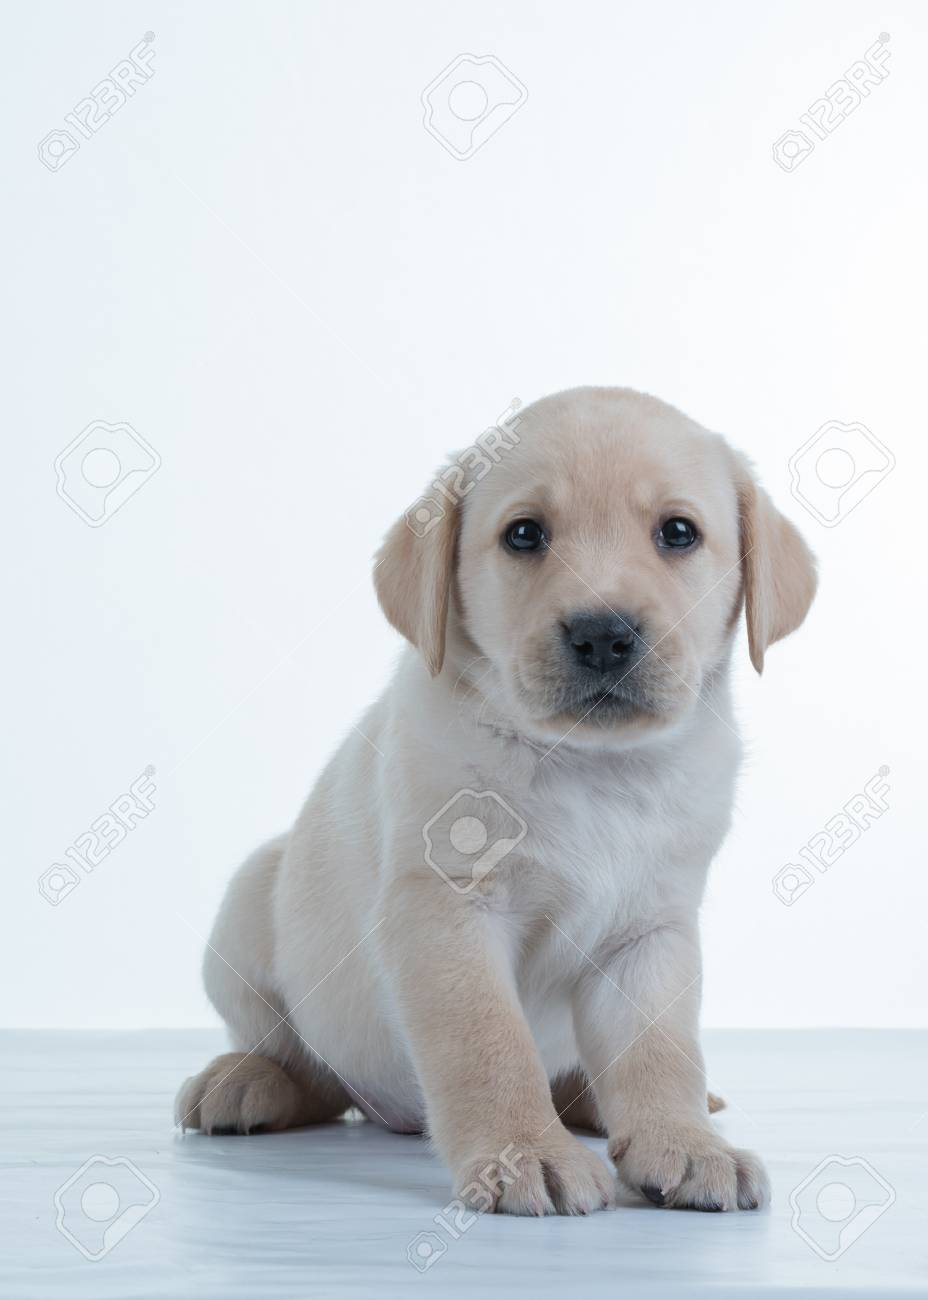 Archivio Fotografico , Cucciolo di Labrador su sfondo bianco. Il Labrador  Retriever, anche Labrador, è un tipo di cane da riporto.